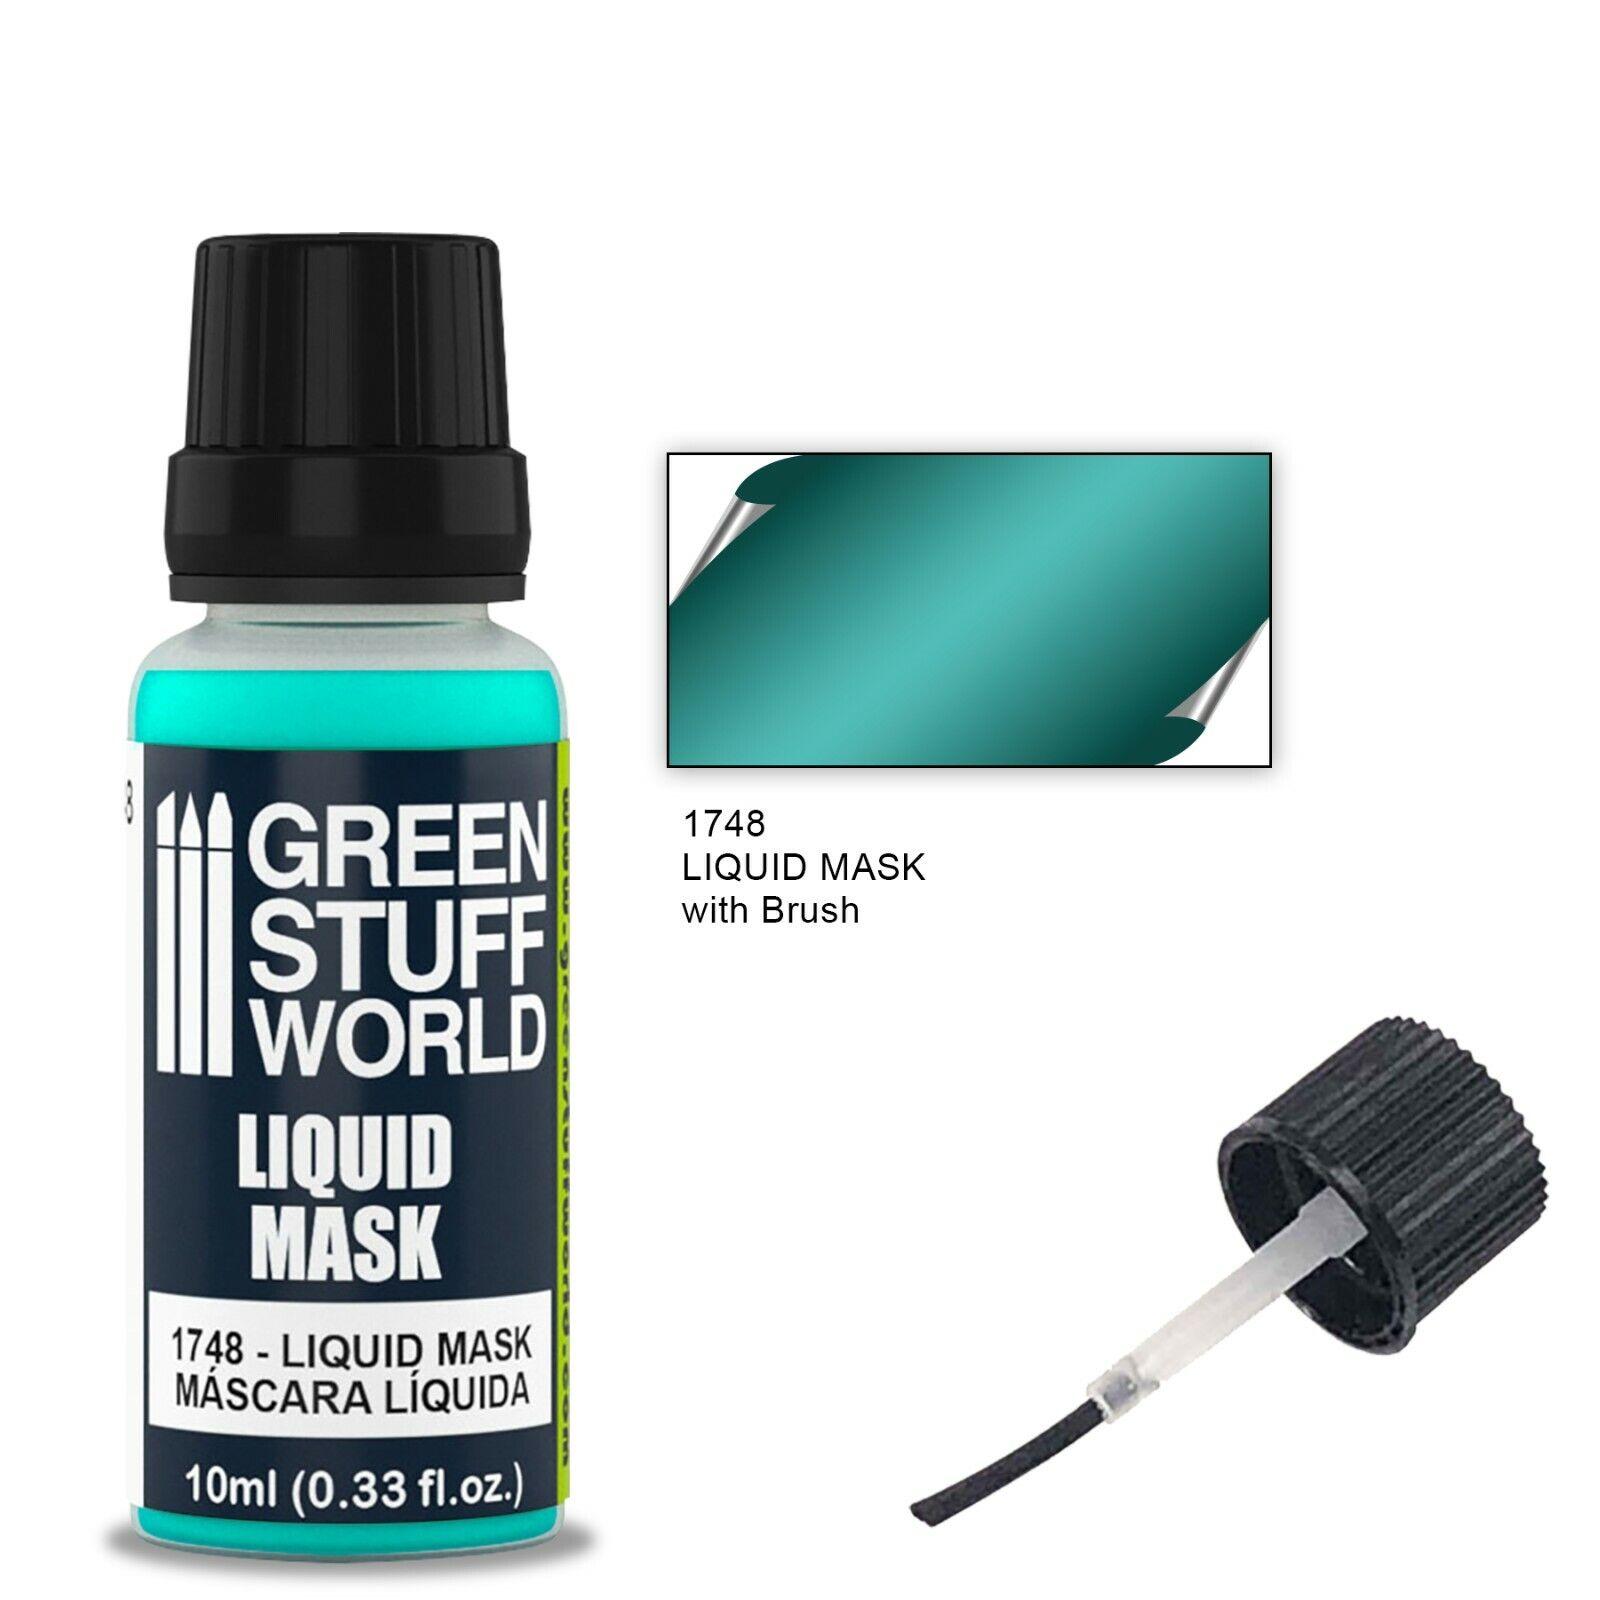 Mascara liquida 10ml con pincel - Hobby Liquid mask - Enmascarar modelismo